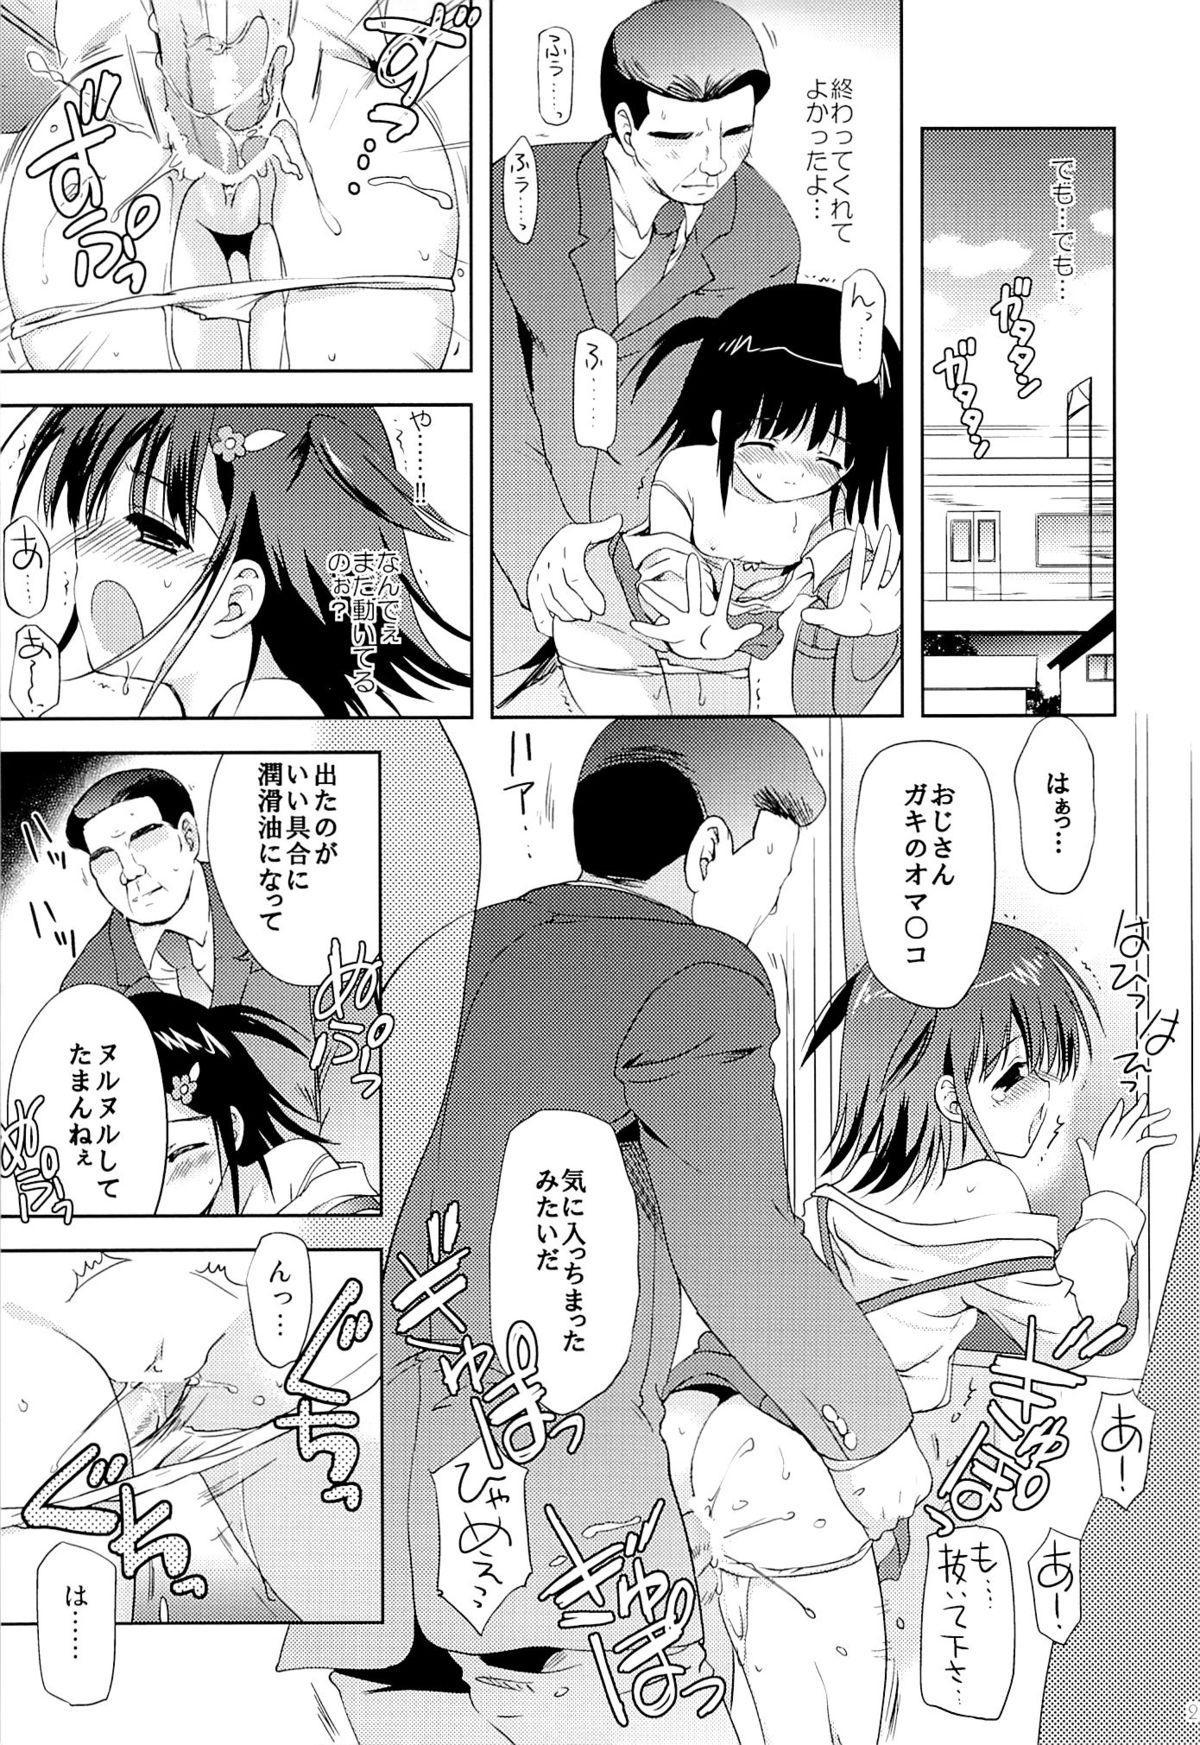 Atashi... Manin Densha no Naka de Shiranai Ojisan ni Shojo wo Ubawarechaimashita 19